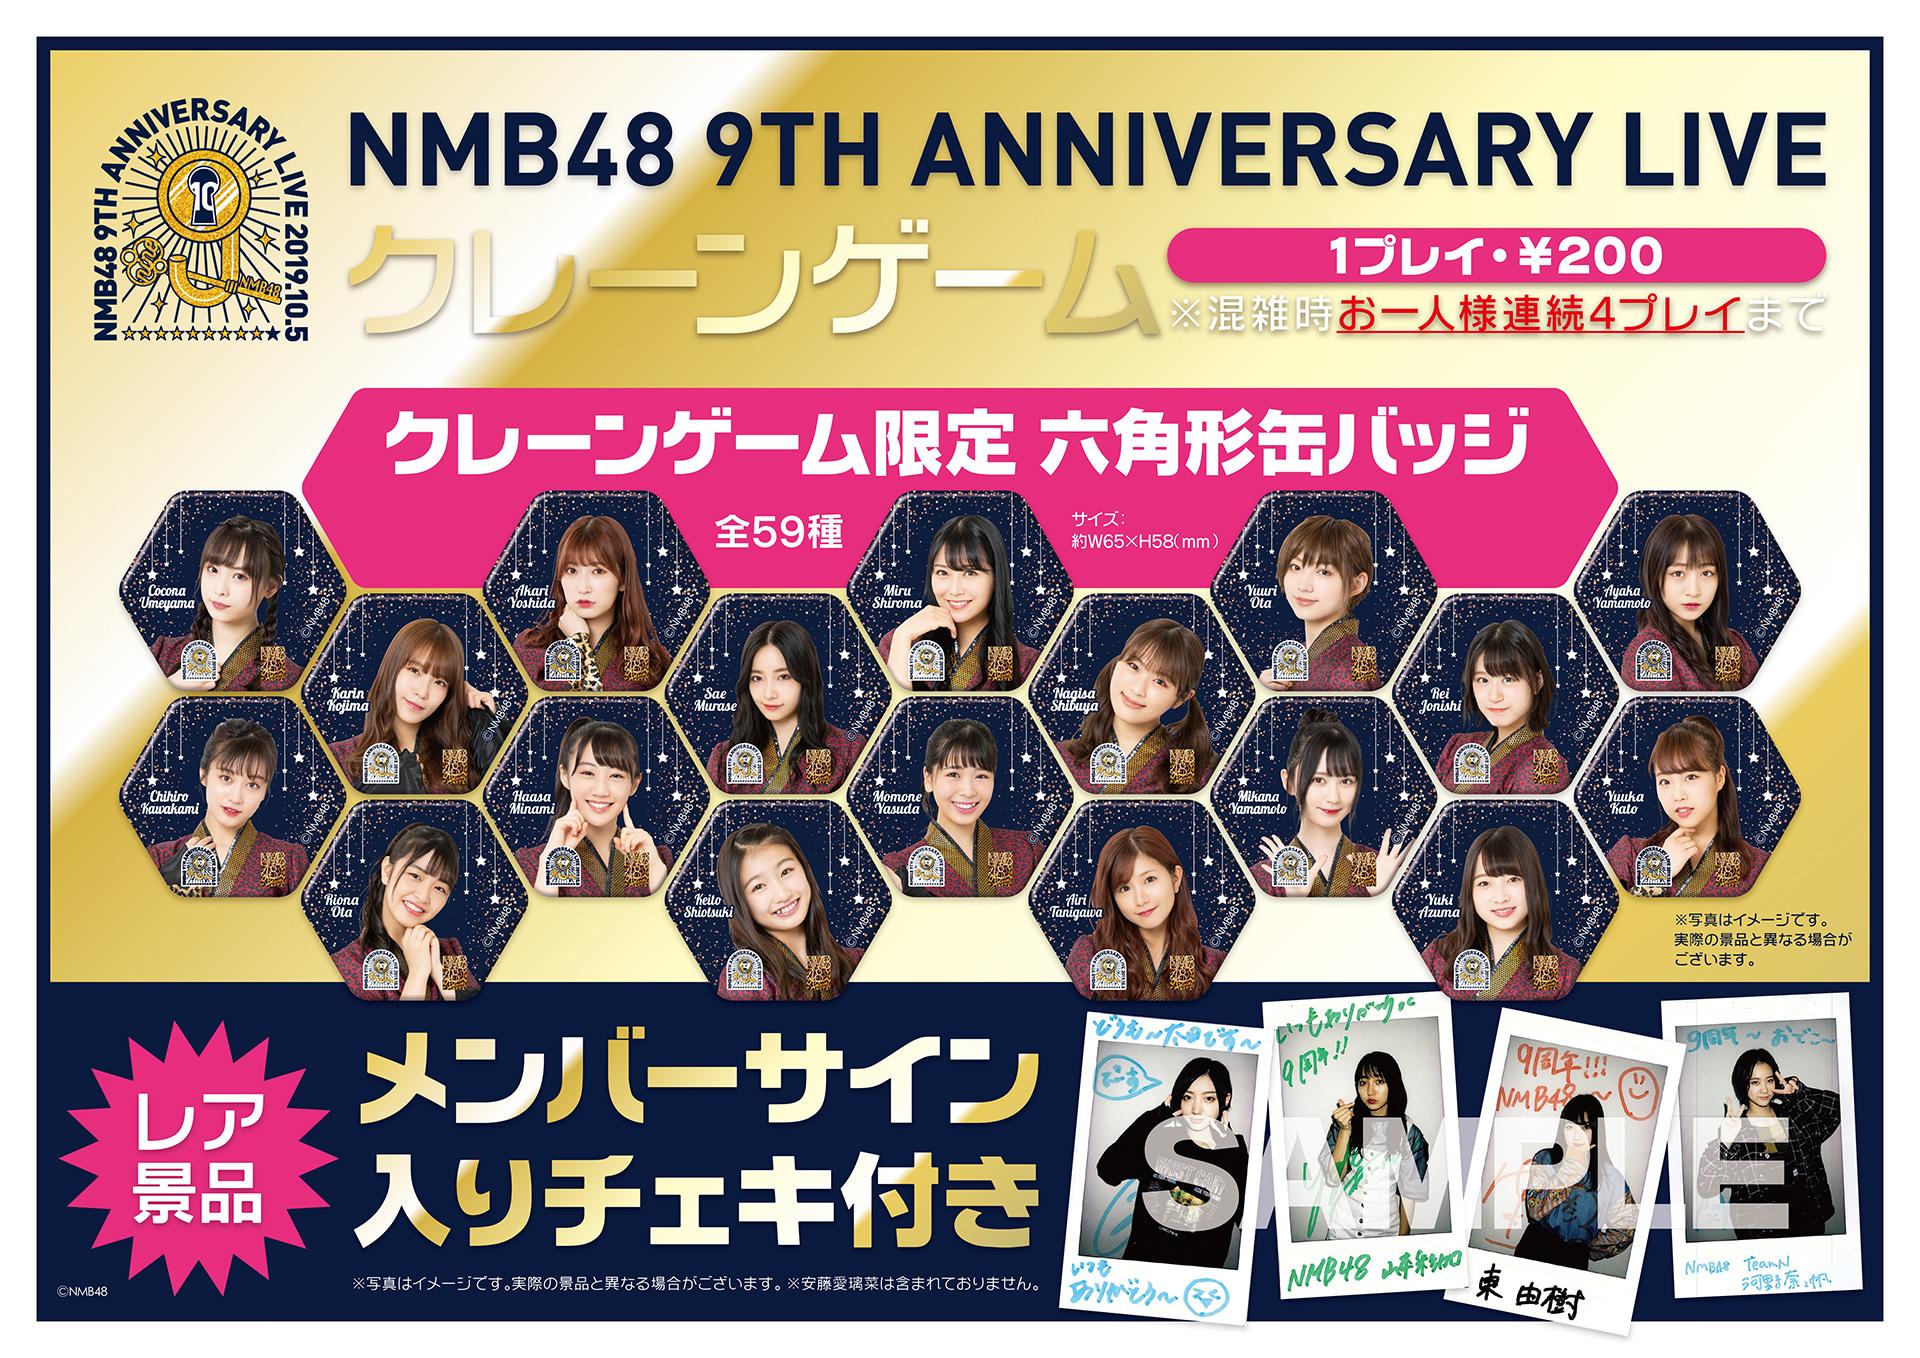 【NMB48】10.5大阪城ホール「NMB48 9th Anniversary LIVE」グッズ販売は9時半から